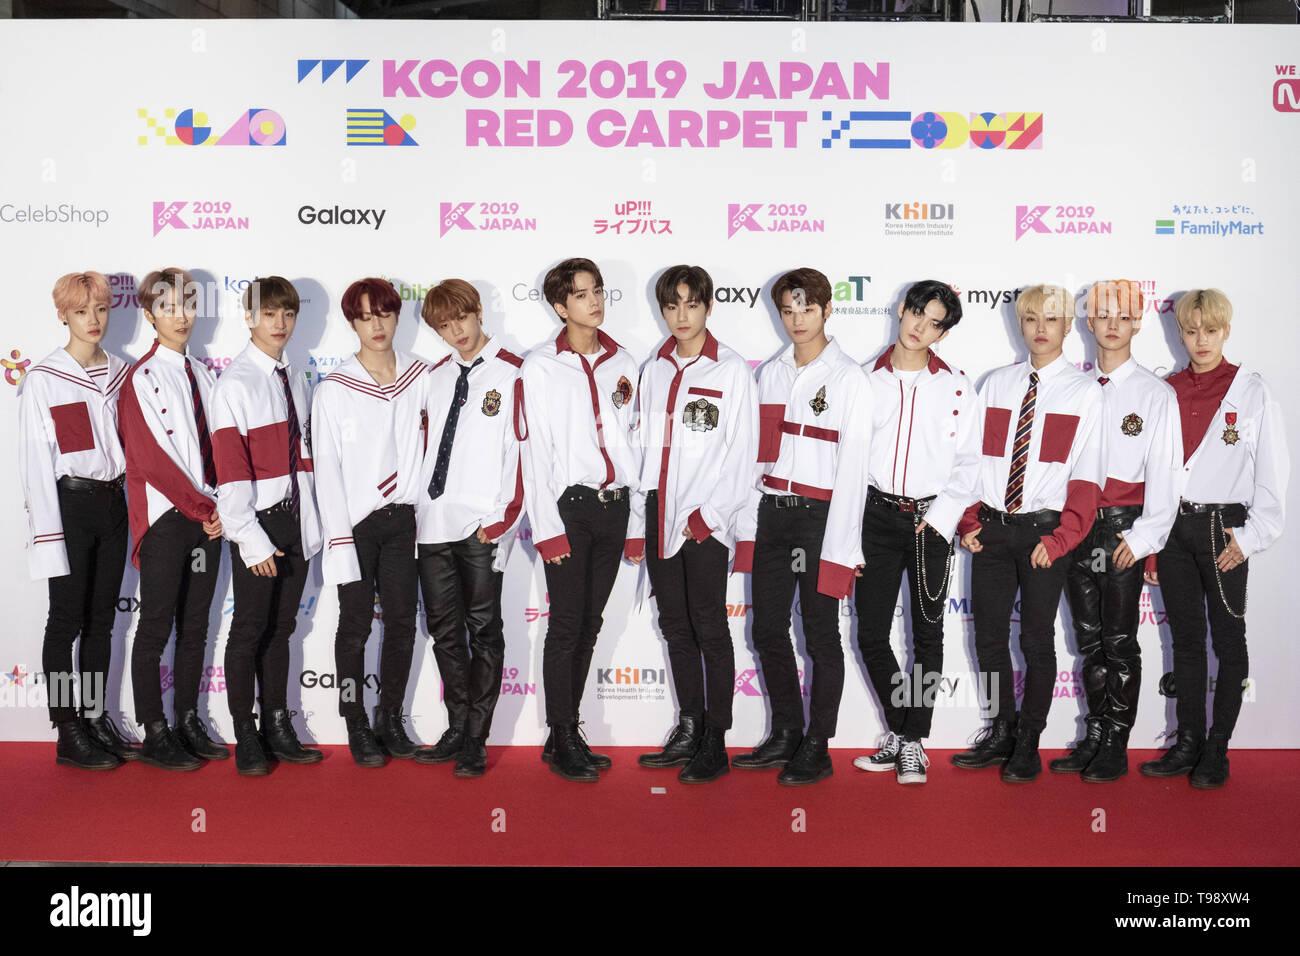 Boyz japan Japanese gay